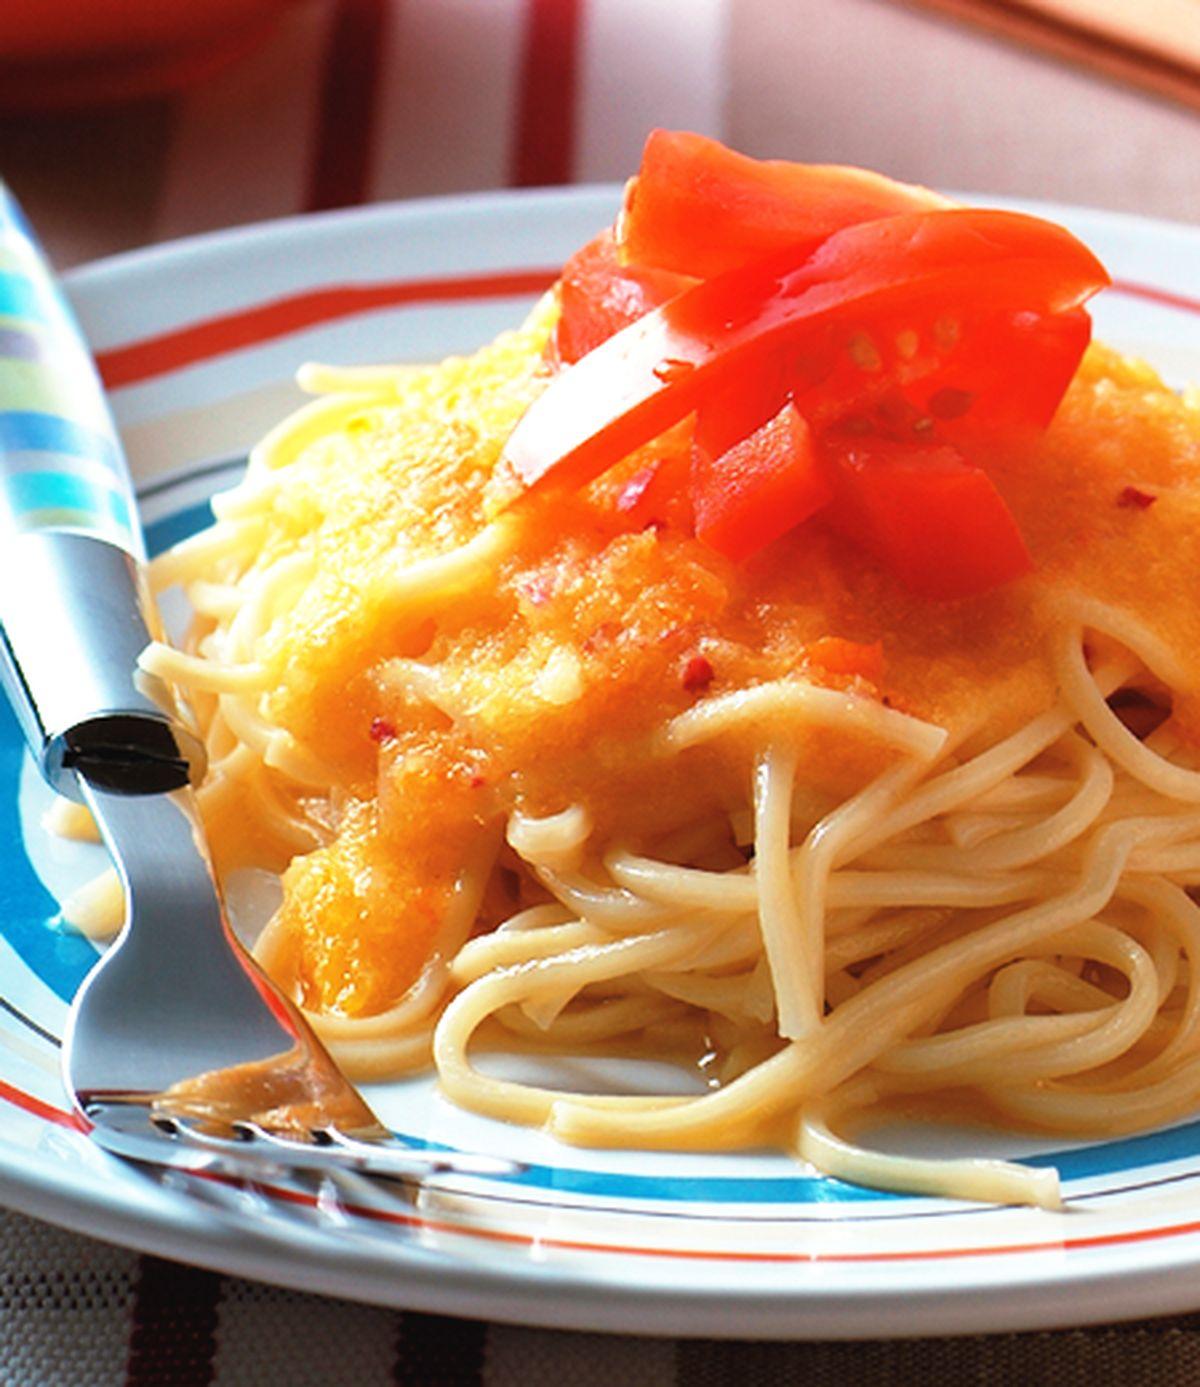 食譜:鮮果醬涼麵